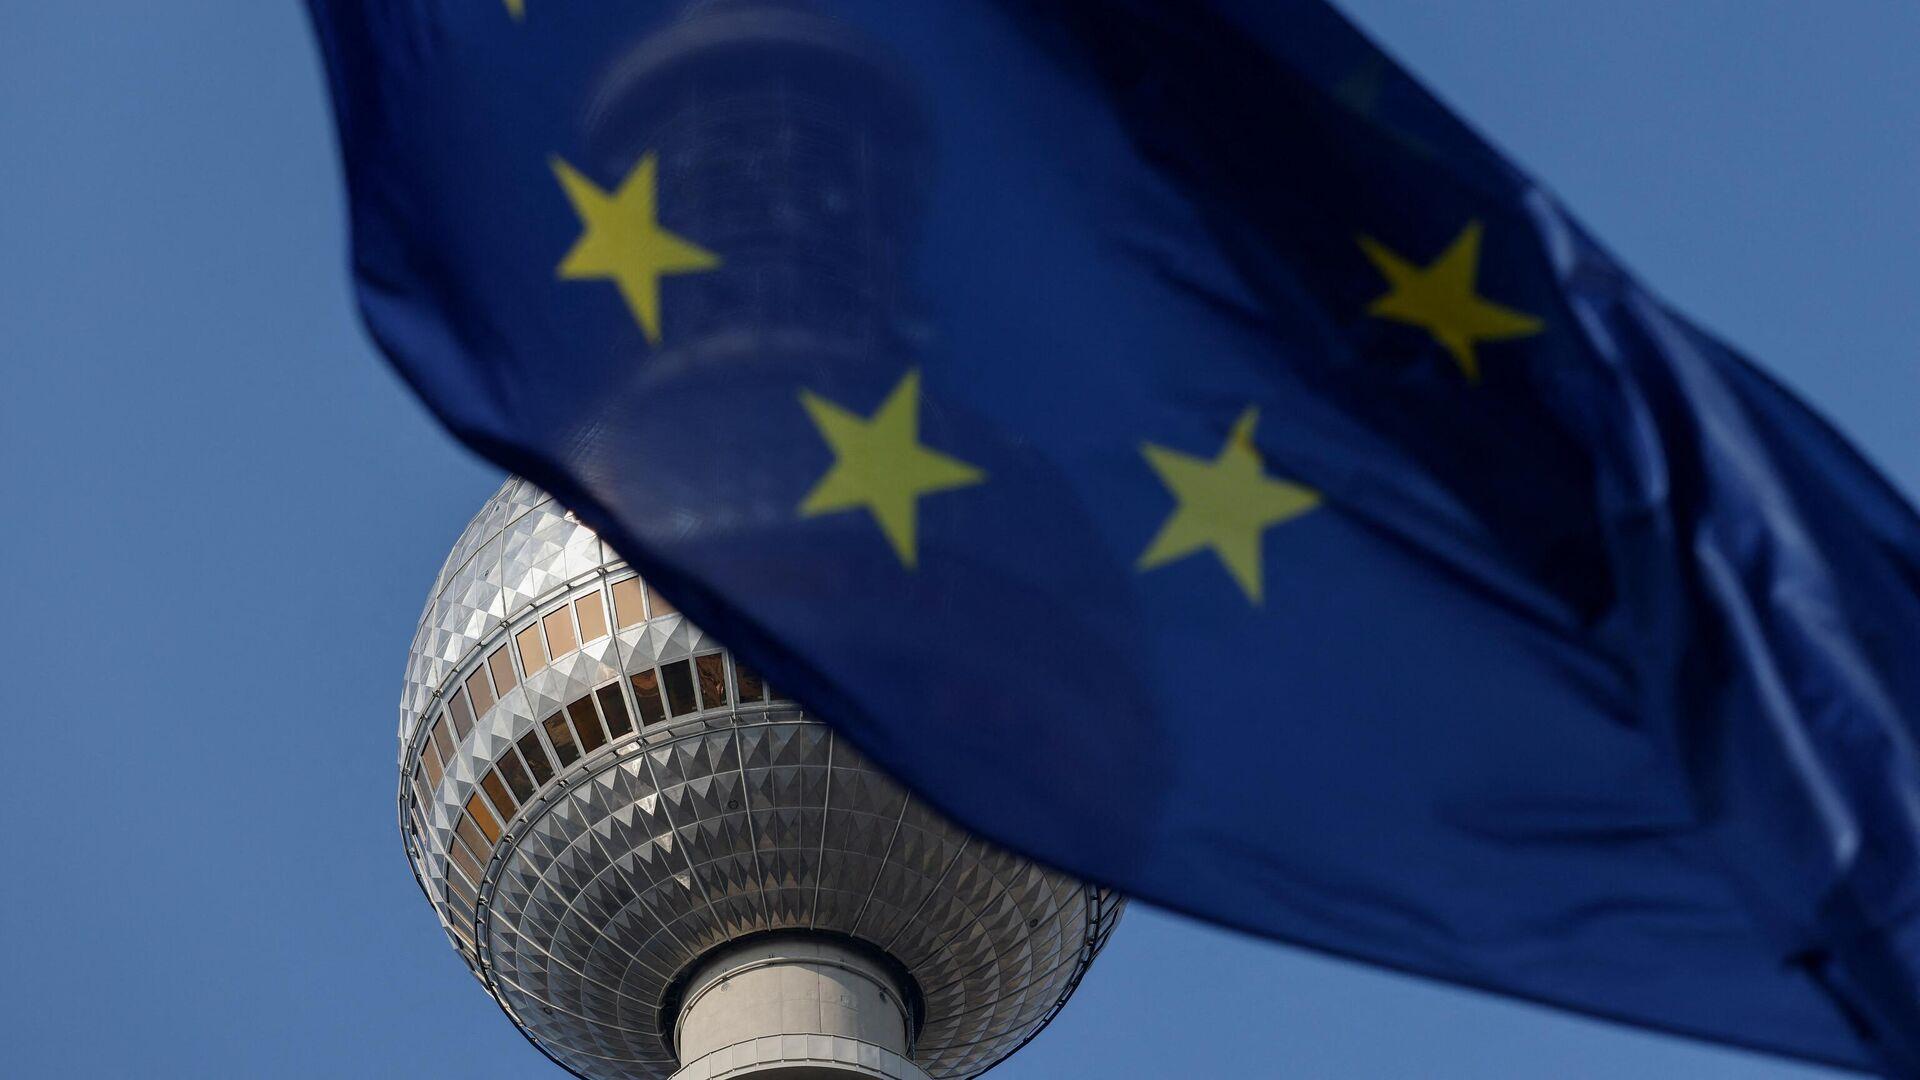 Die EU-Flagge mit Berlins Fernsehturm im Hintergrund (Symbolbild) - SNA, 1920, 18.07.2021